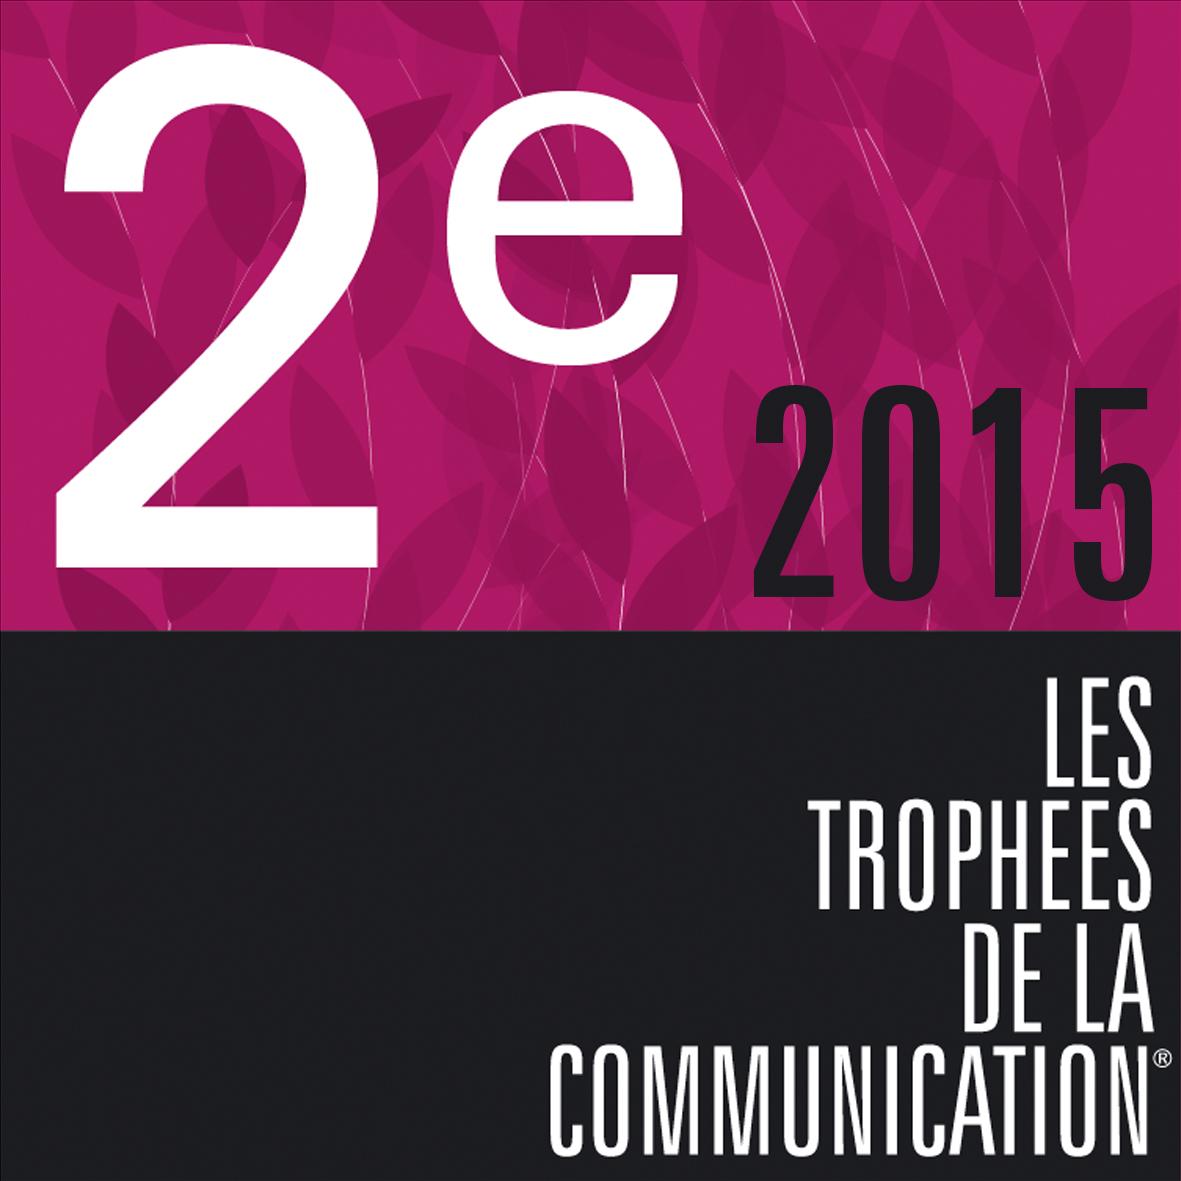 2ème trophée de la communication 2015 pour SWiTCH